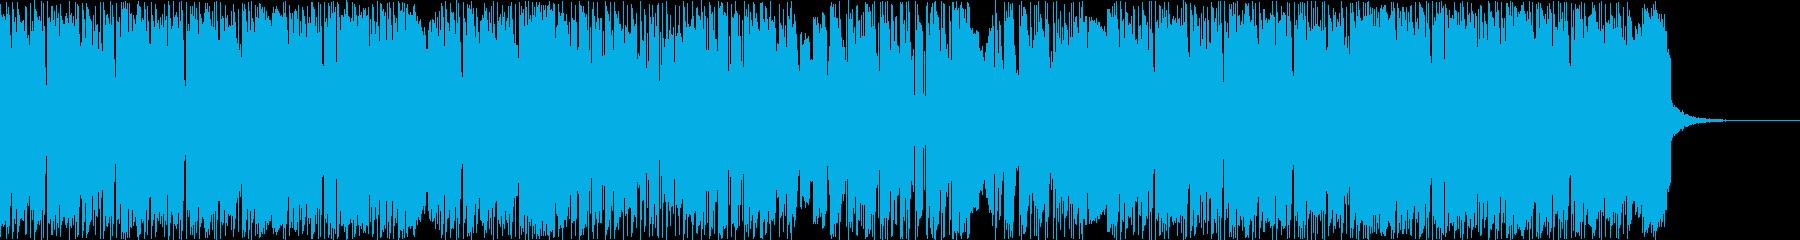 スタイリッシュでモダンなヒップホップの再生済みの波形